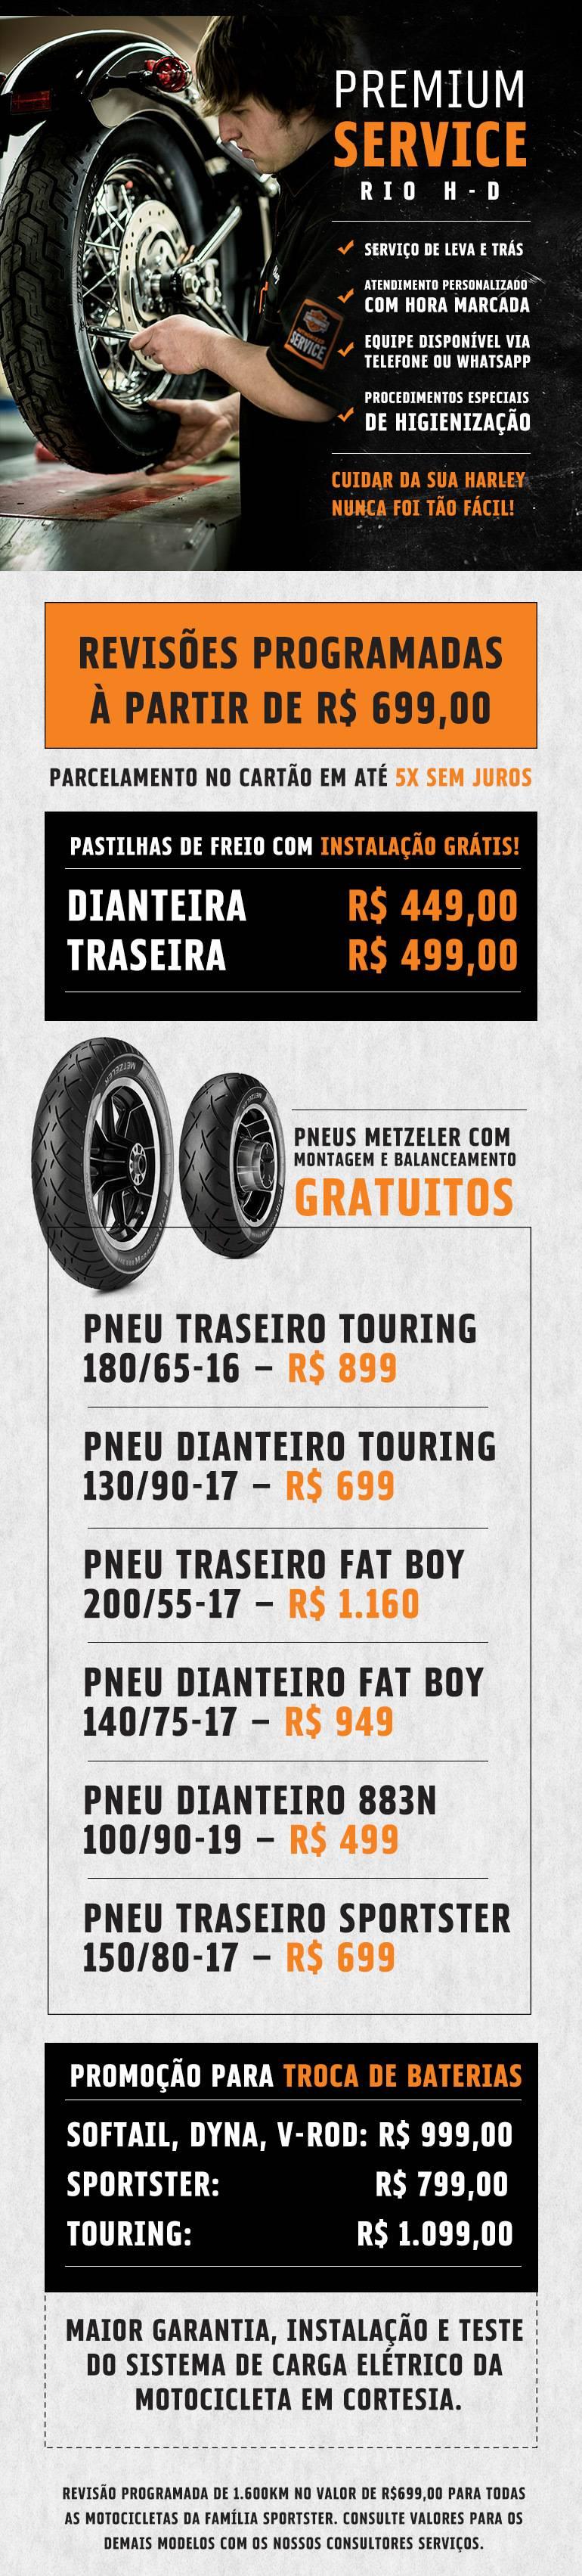 Pós-Vendas Rio HD